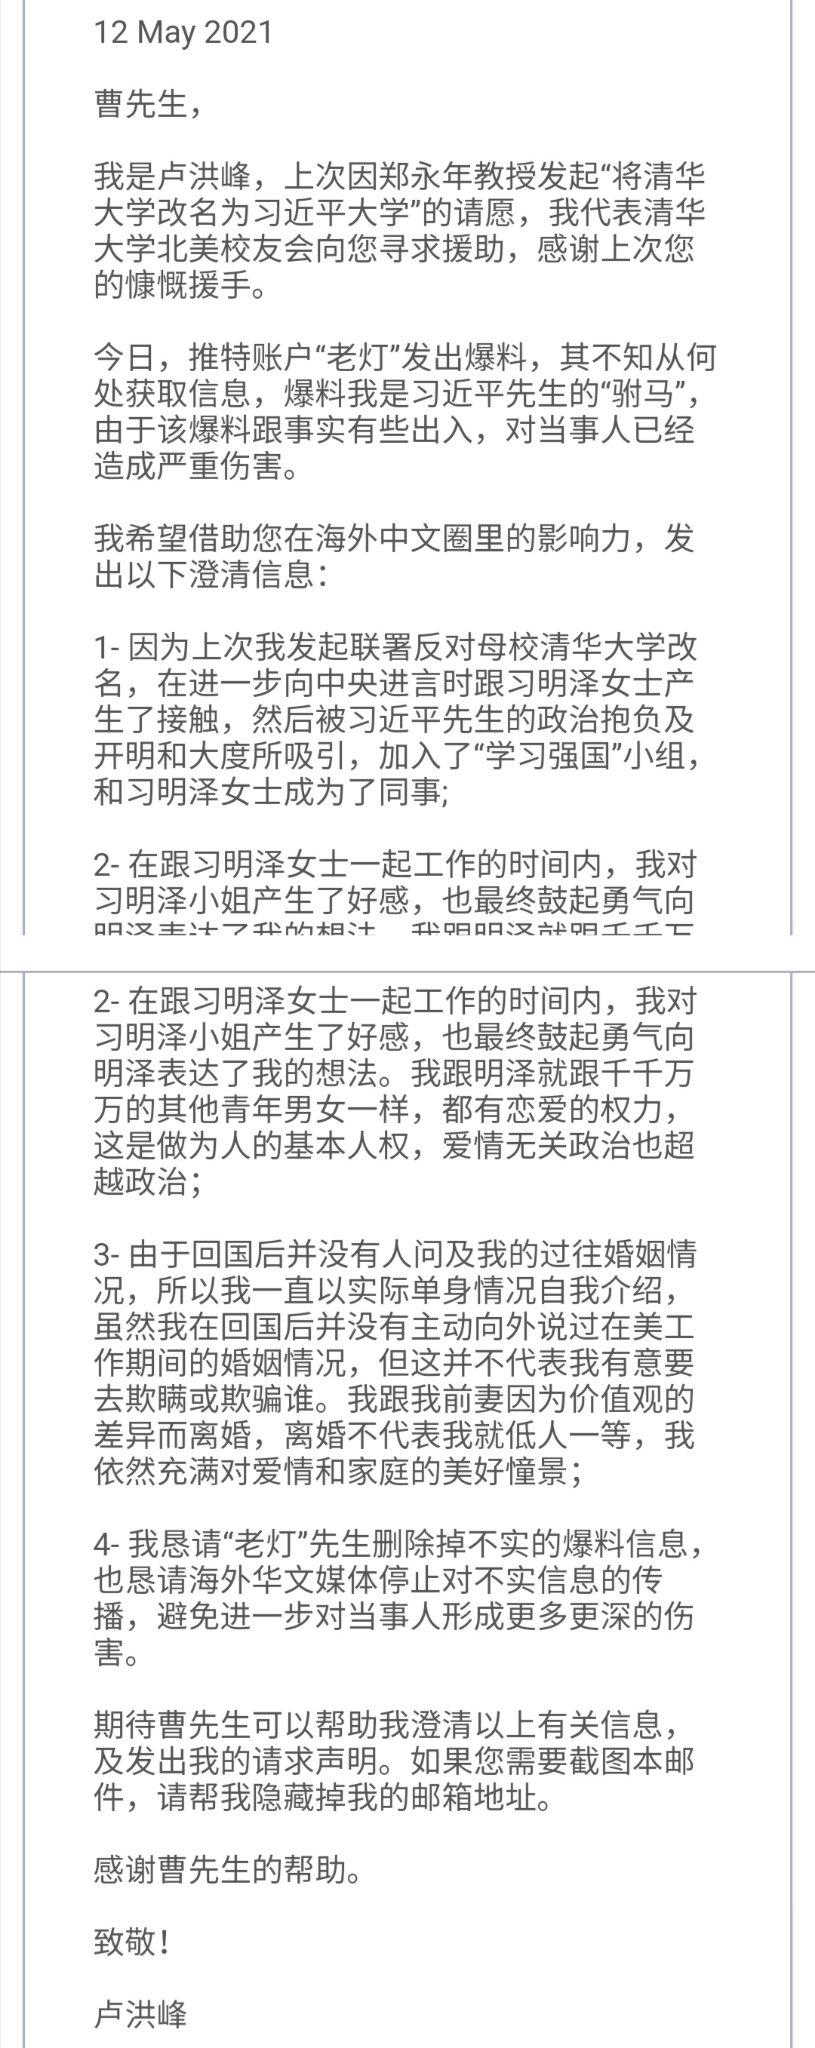 卢洪峰 给曹长青先生公开信